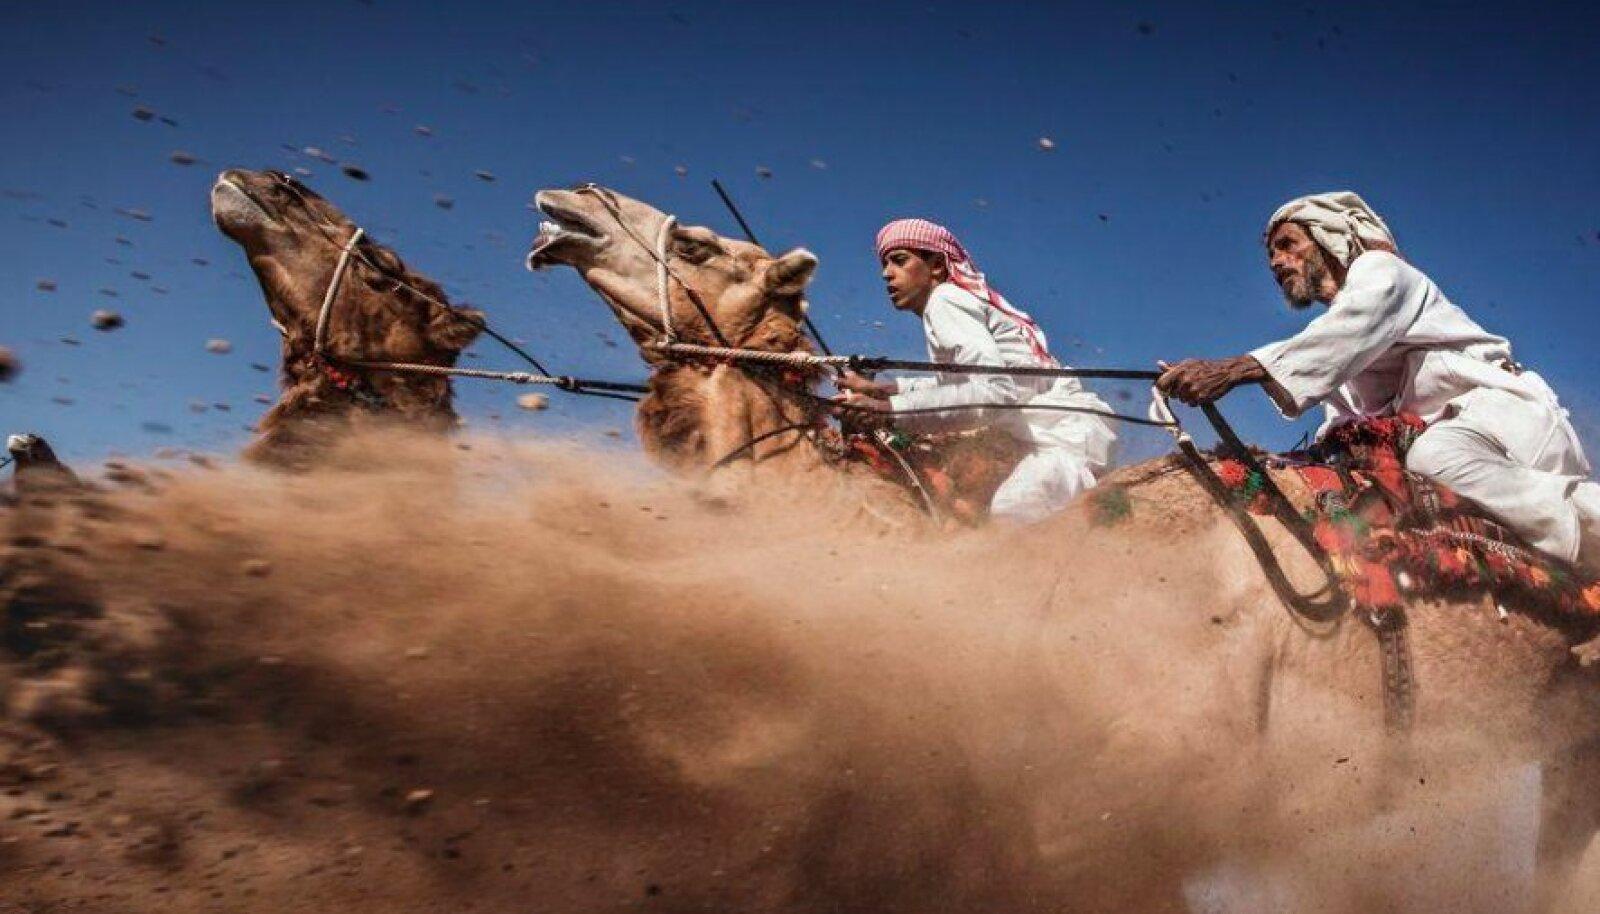 Selle fotoga võitis Ahmed al Toqui möödunud aastal National Geographicu reisifoto konkursil kolmanda koha.